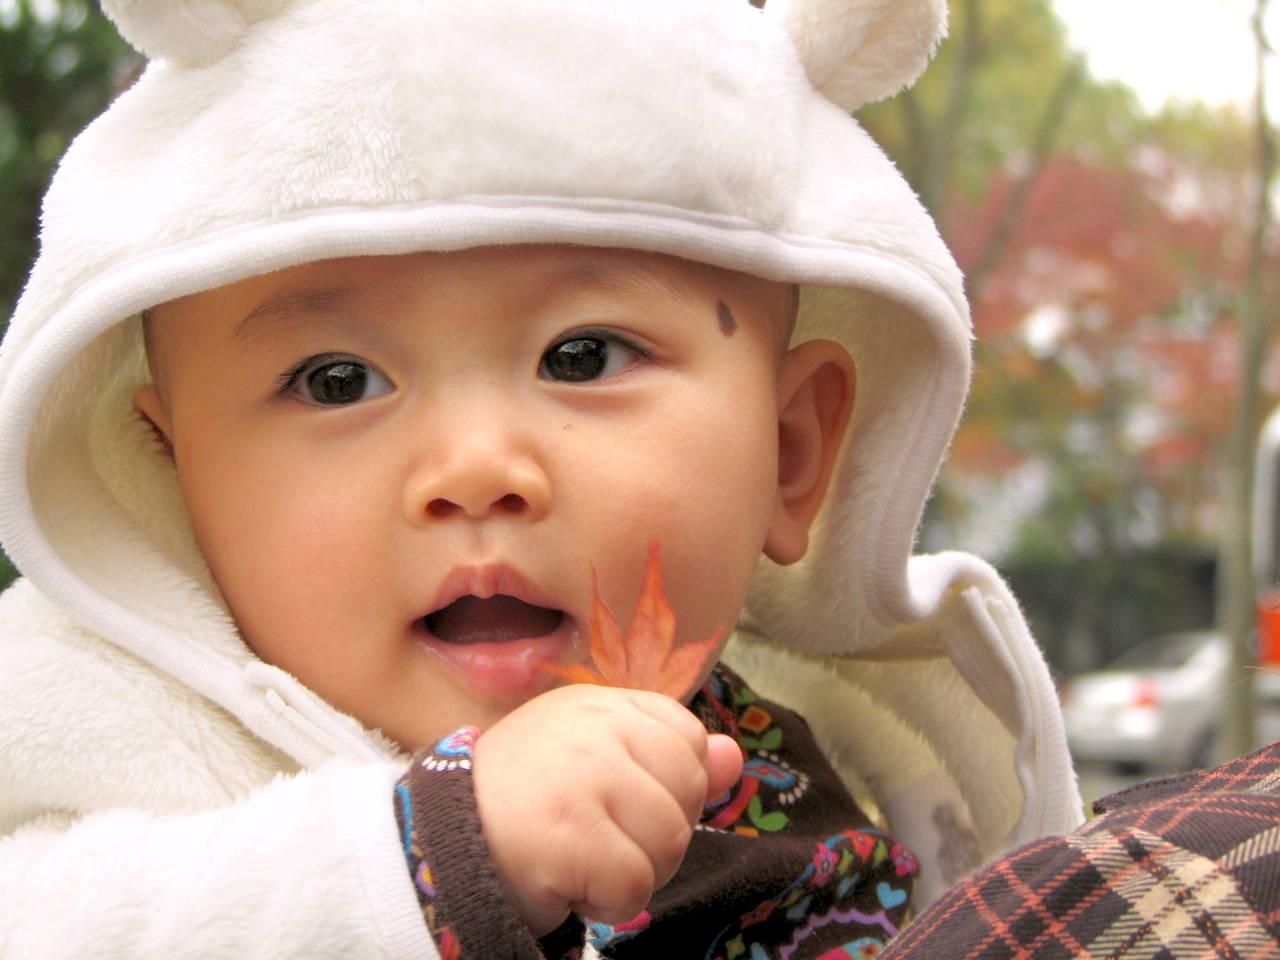 赤ちゃんと過ごす初めての秋。注意点を知ってより快適にしよう